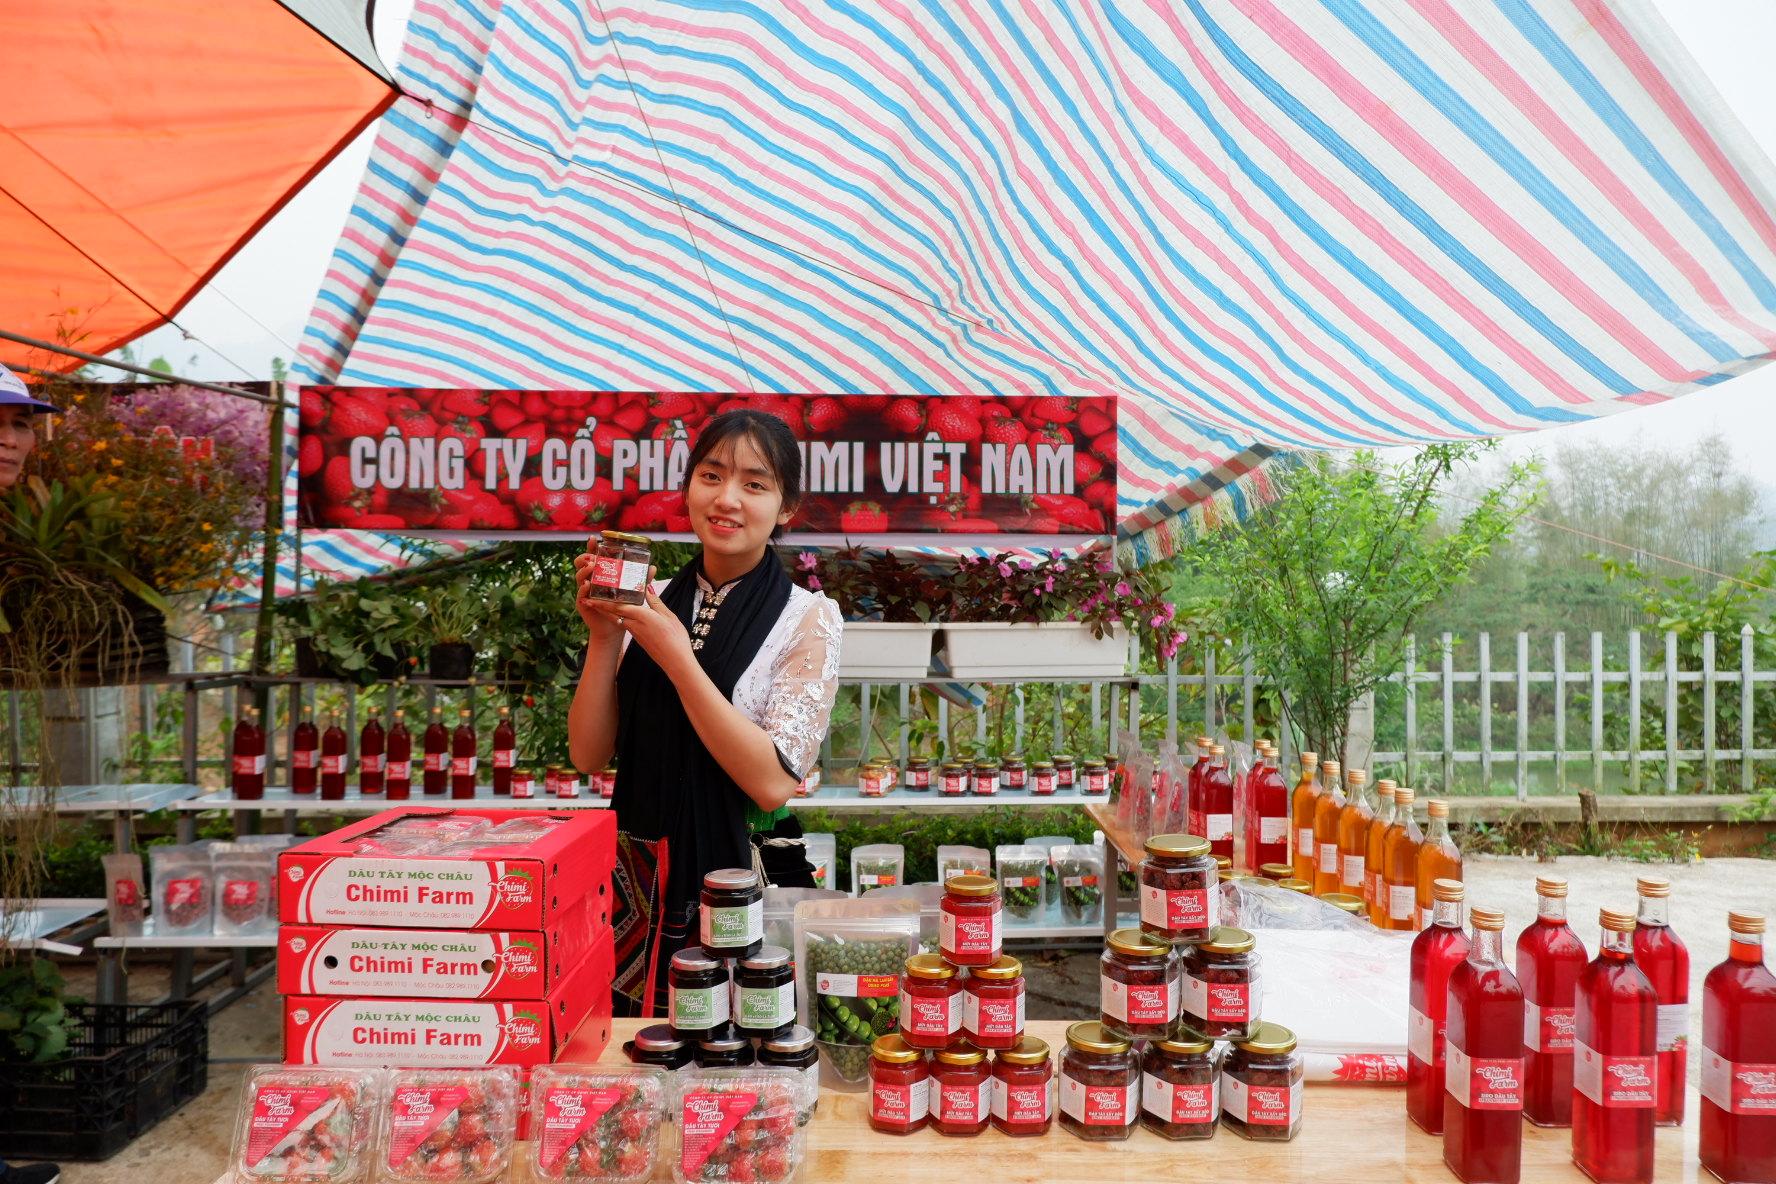 Quầy trưng bày sản phẩm của công ty cổ phần Chimi Việt Nam